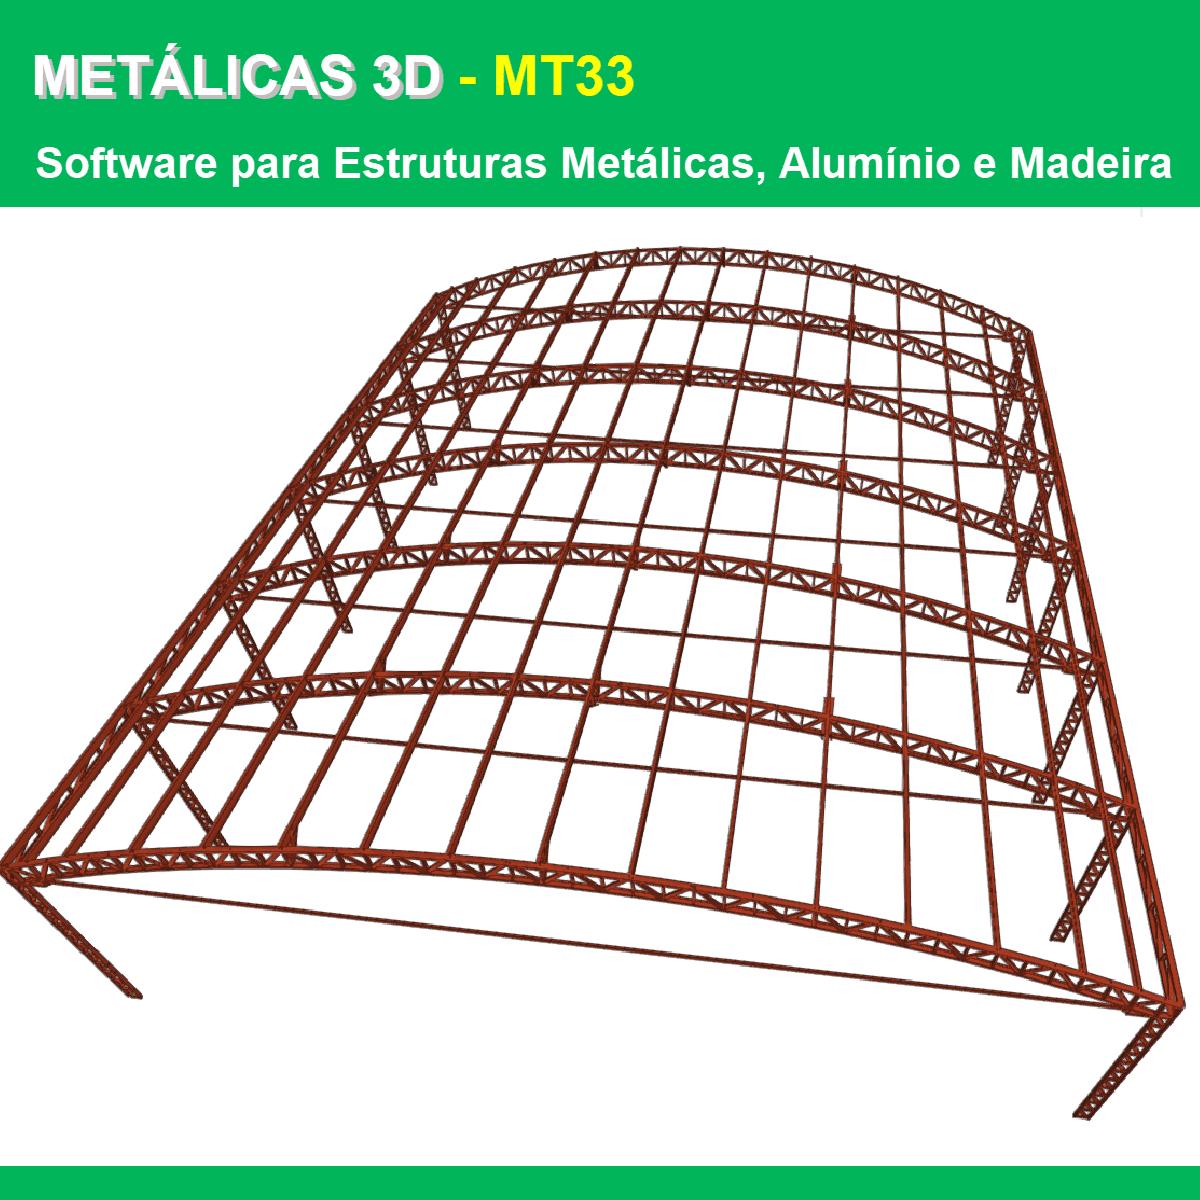 Software Metálicas 3D MT33 versão 2022 (Licença Eletrônica) incluindo Núcleo Básico  - MULTIPLUS SOFTWARES